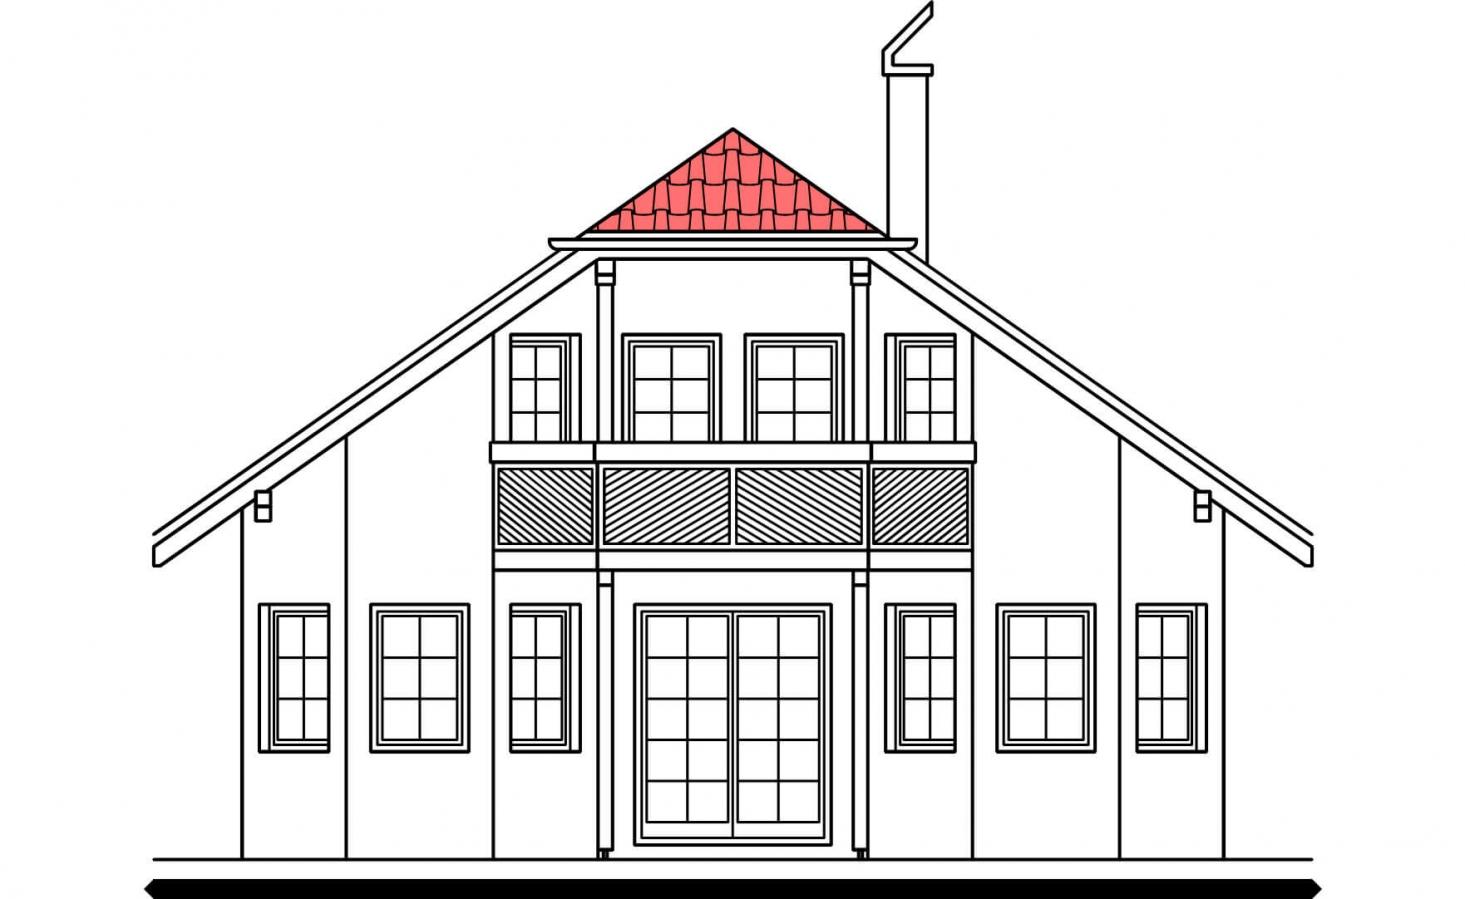 Pohľad 3. - Klasický rodinný dom s izbou na prízemí.